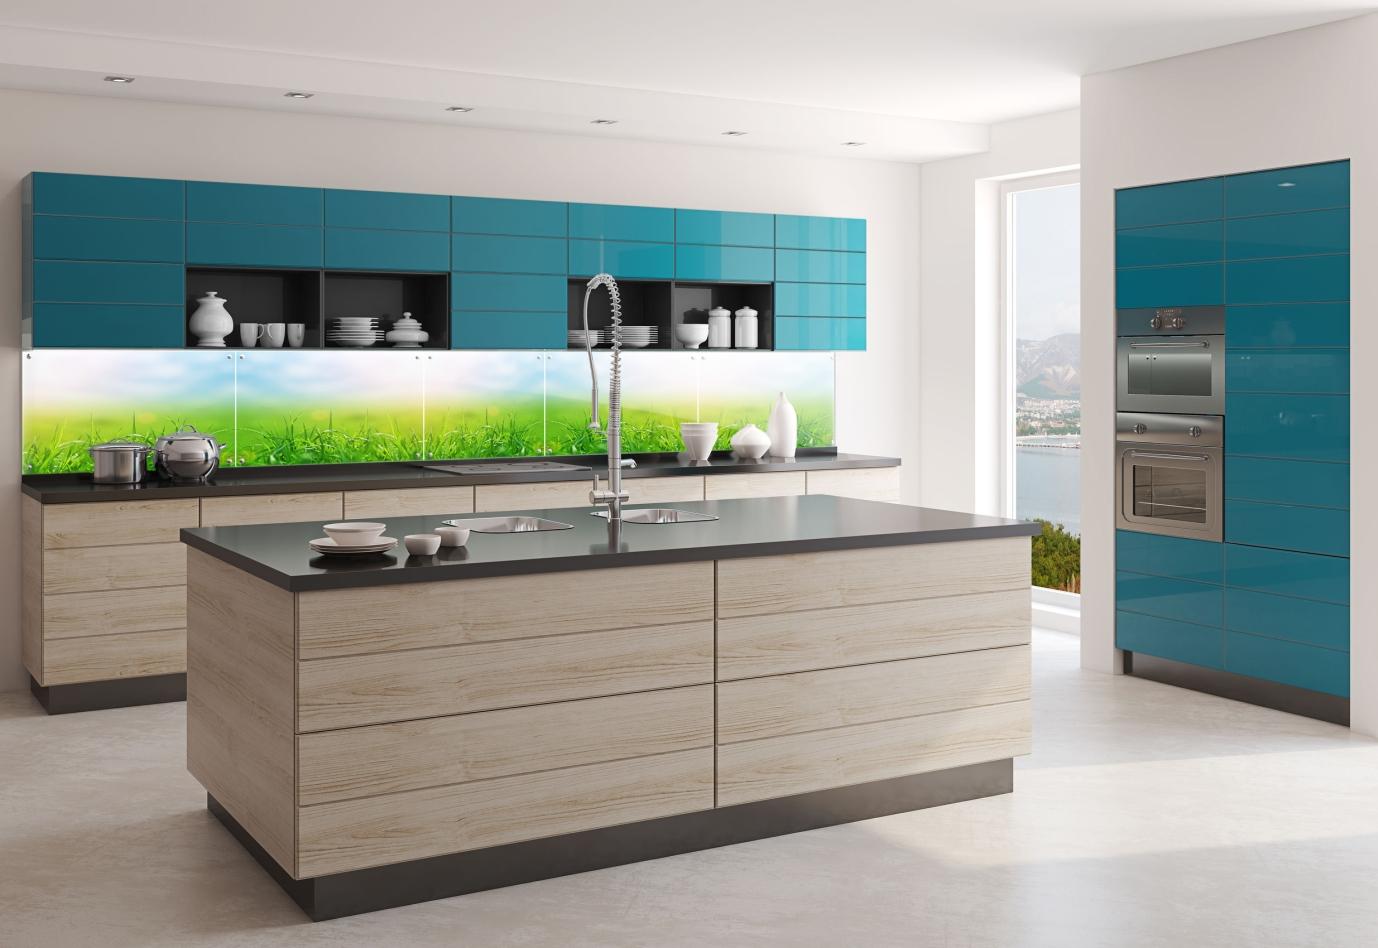 glas deco k chenr ckwand glasbild fliesen f r die k che. Black Bedroom Furniture Sets. Home Design Ideas